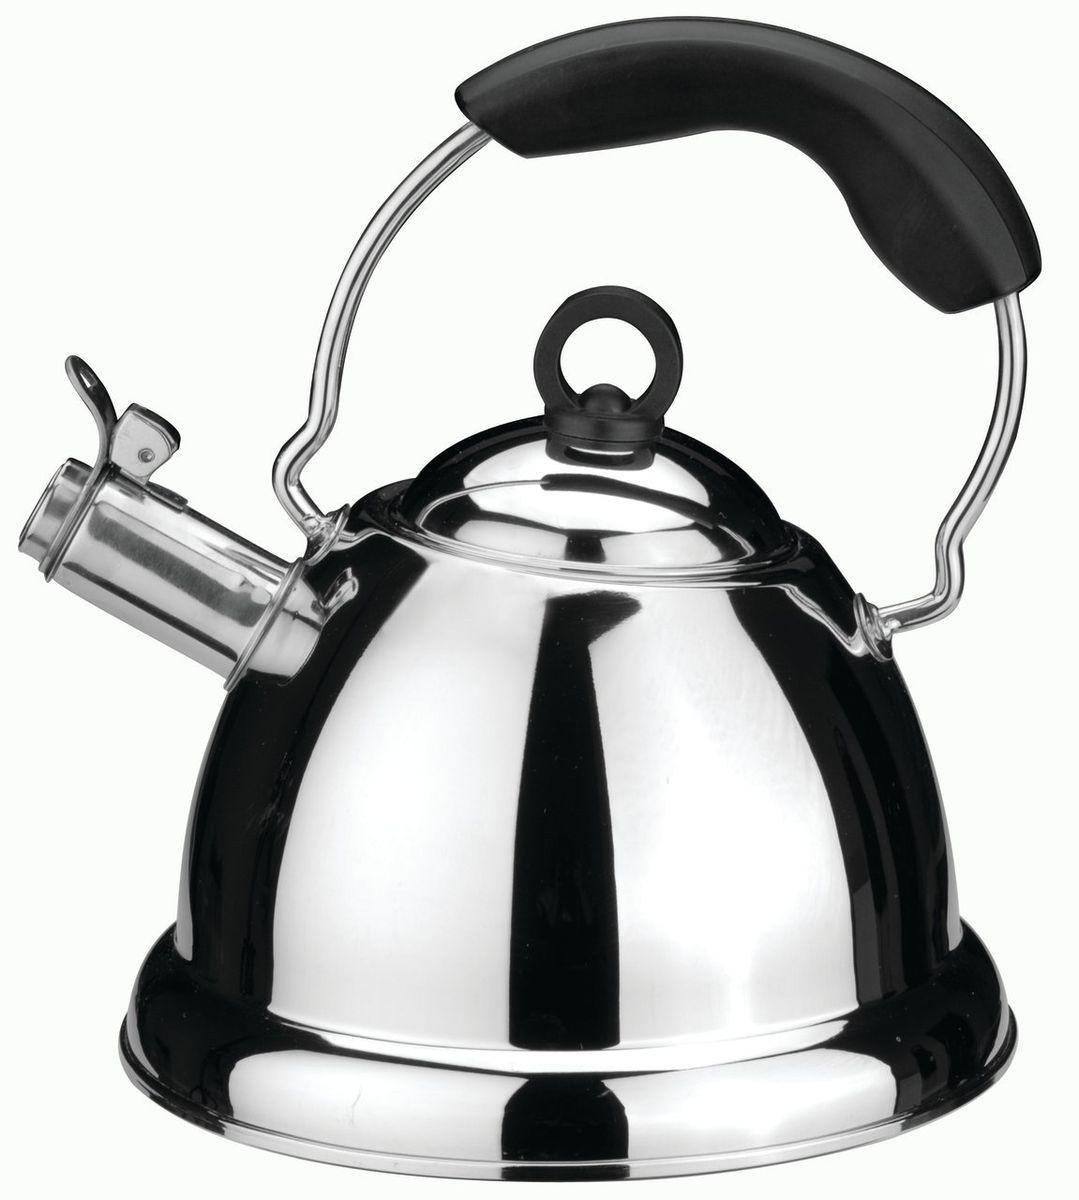 Чайник со свистком BergHOFF Cook&Co Presto, цвет: металлик-черный, 2,5 л нарезатель для картофеля фри berghoff cook